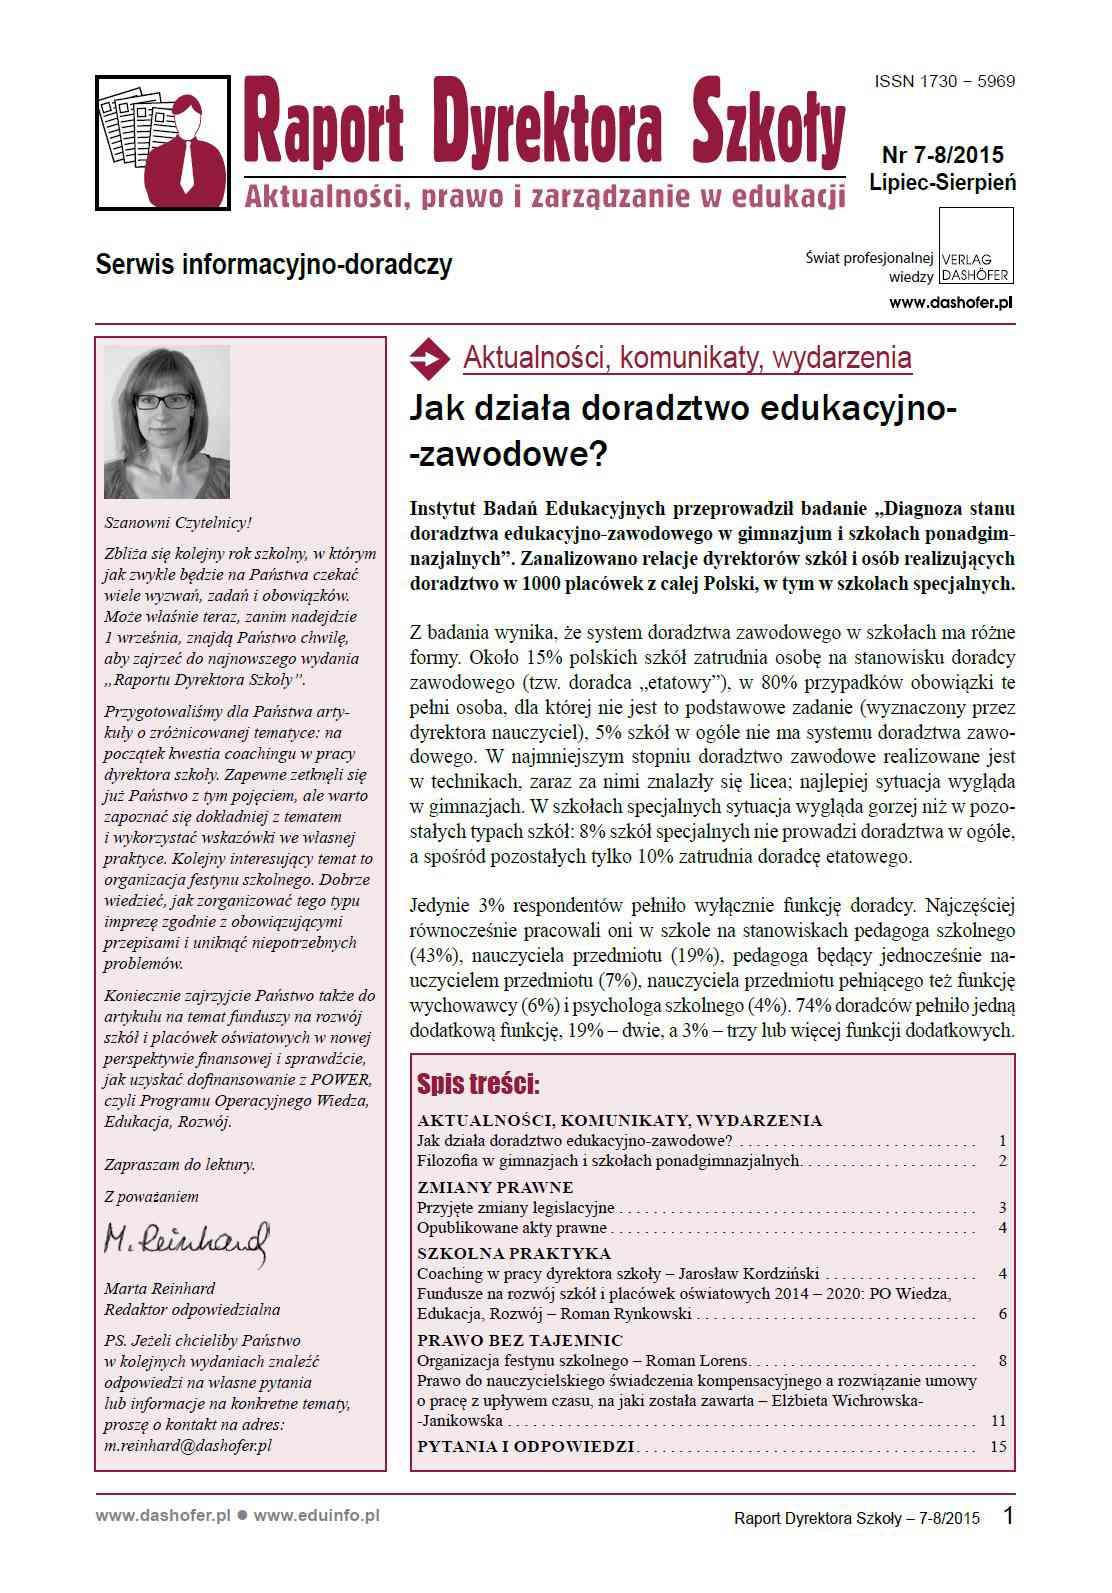 Raport Dyrektora Szkoły. Aktualności, prawo i zarządzanie w edukacji. Nr 7-8/2015 - Ebook (Książka PDF) do pobrania w formacie PDF